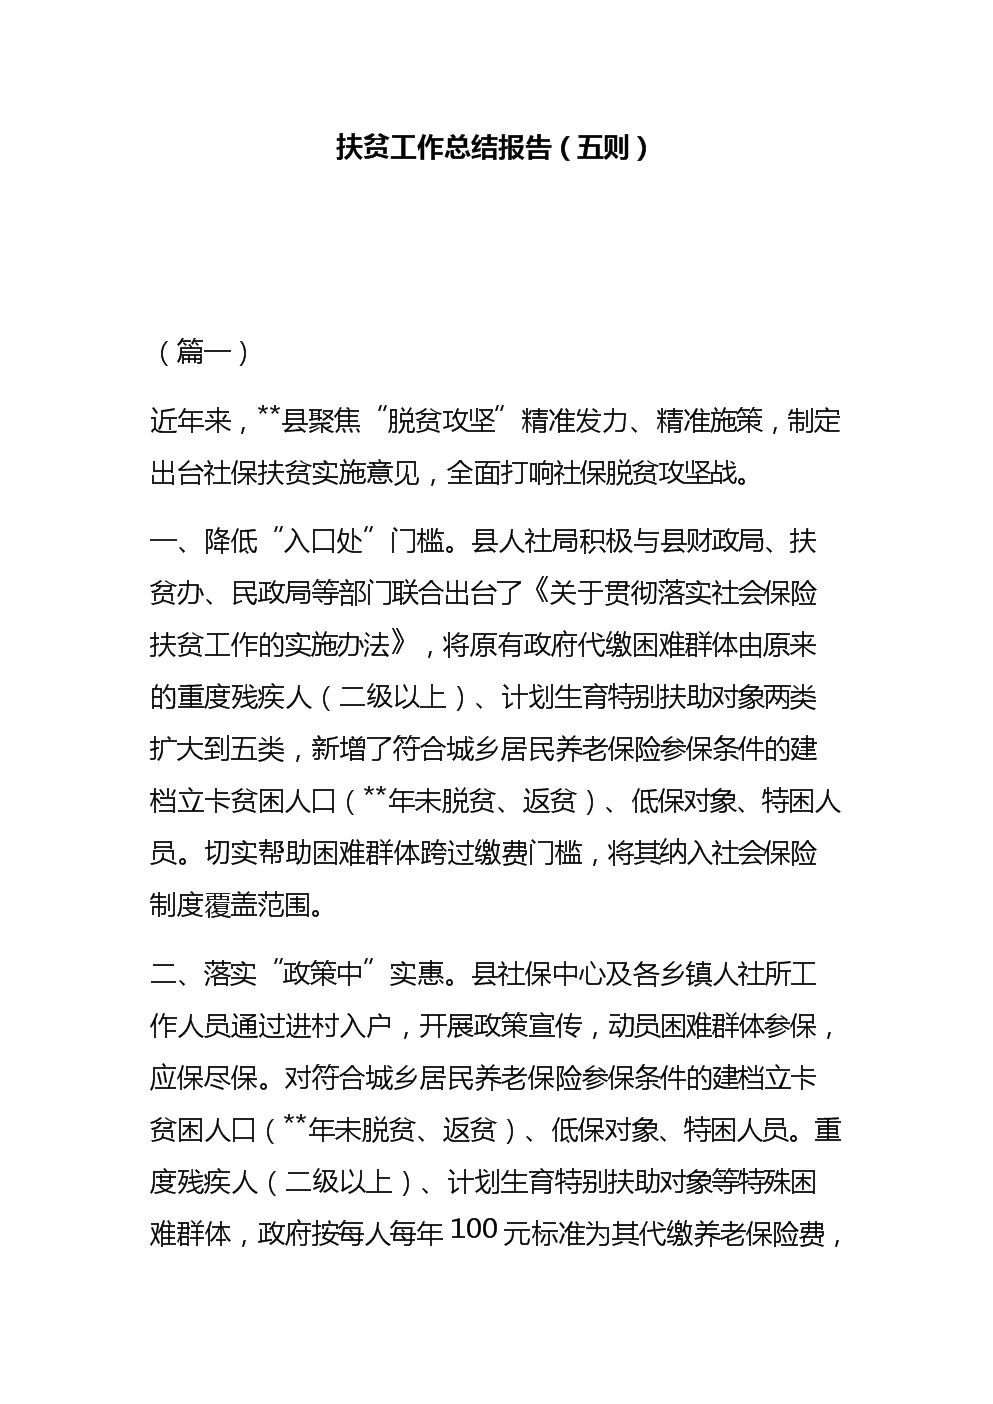 扶贫工作总结报告(五则).docx